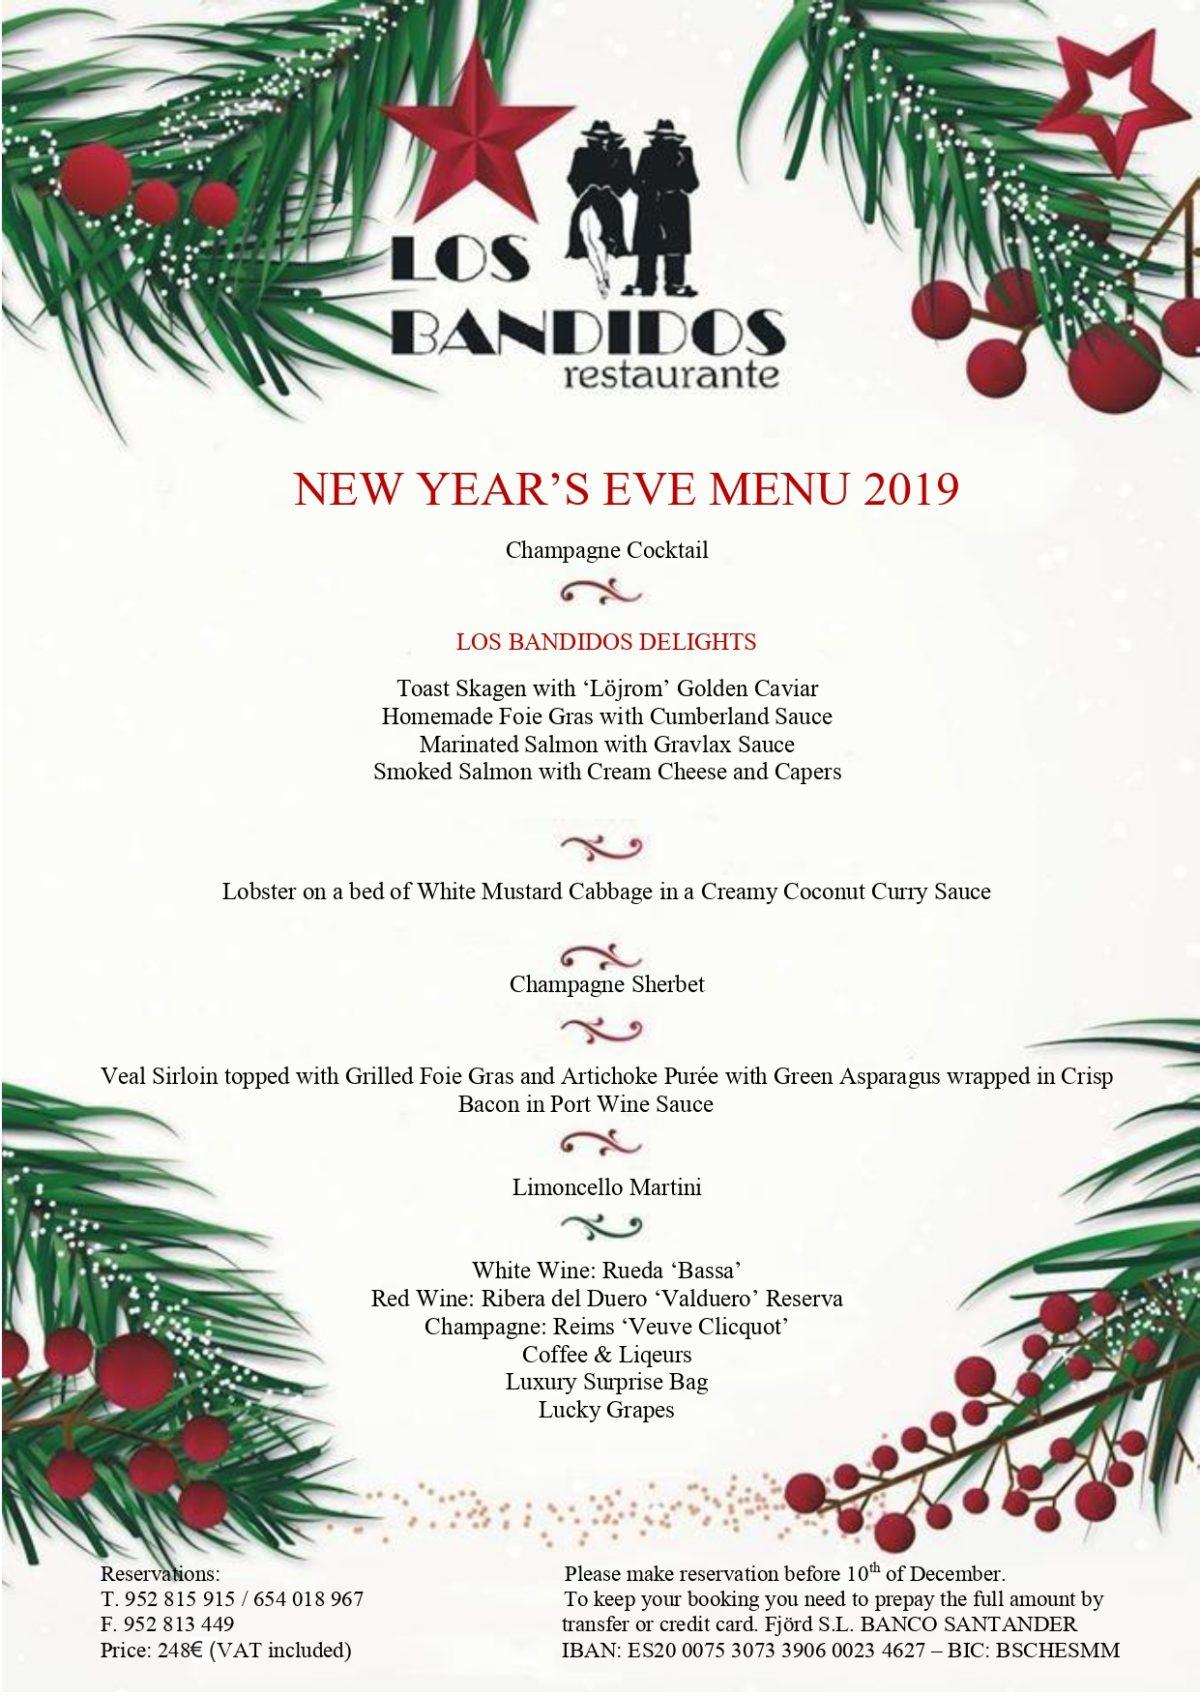 Nuevo menú de fin de año en Los Bandidos